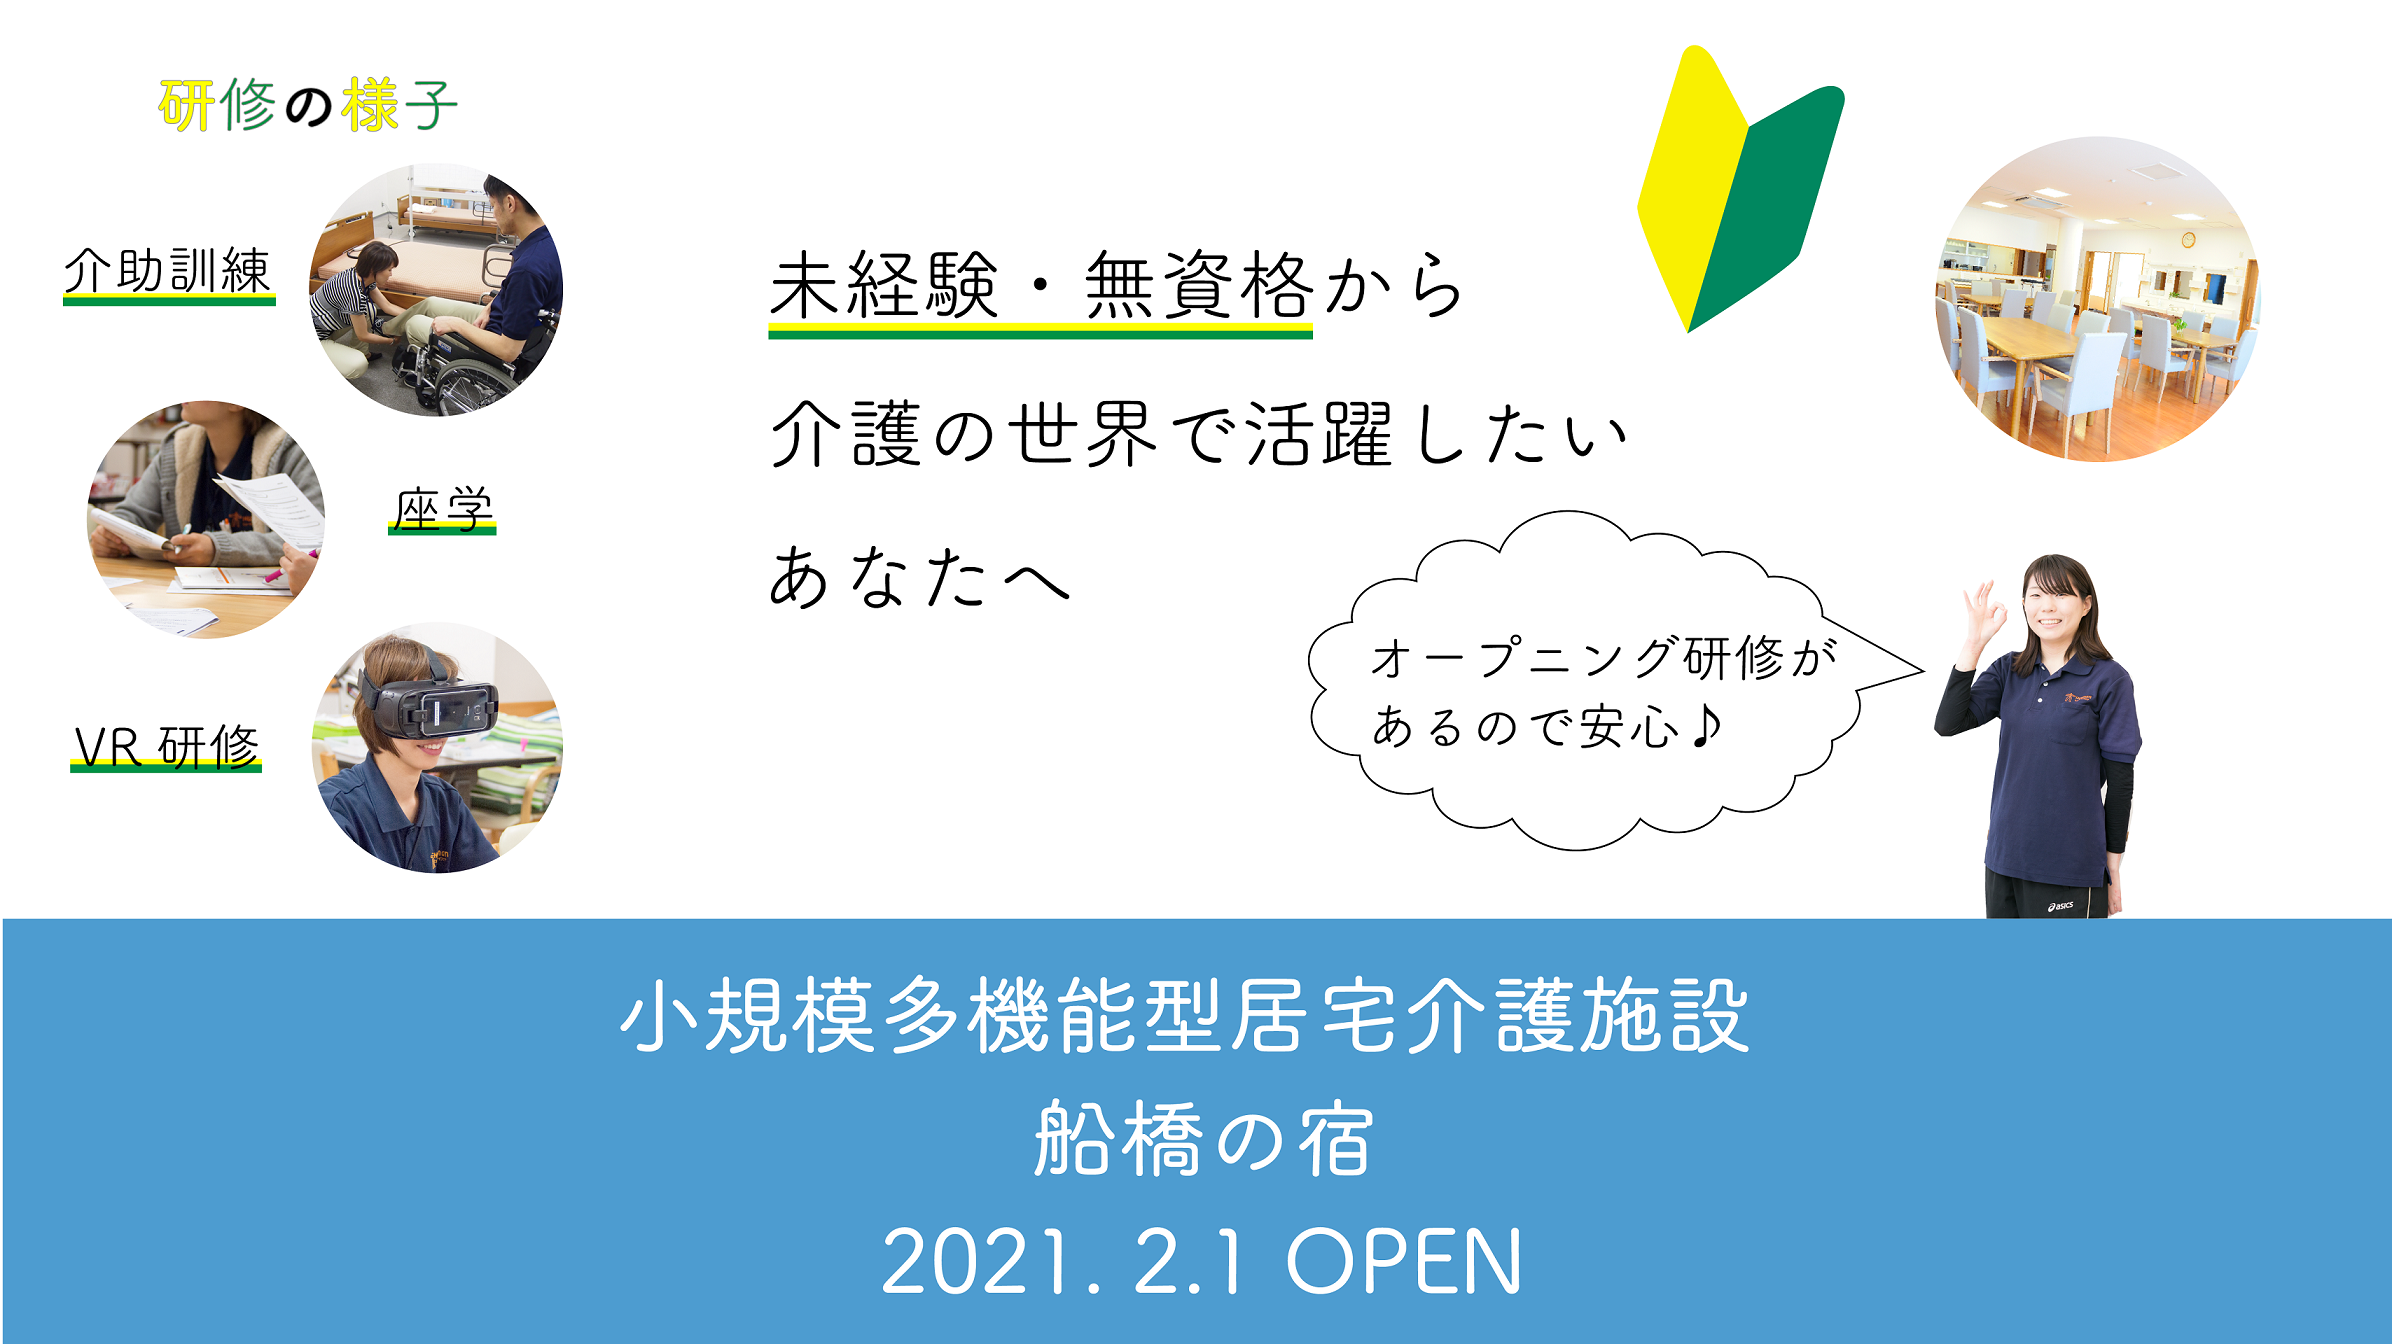 【正社員】船橋市/小規模多機能型居宅介護/介護職員/無資格・未経験OK